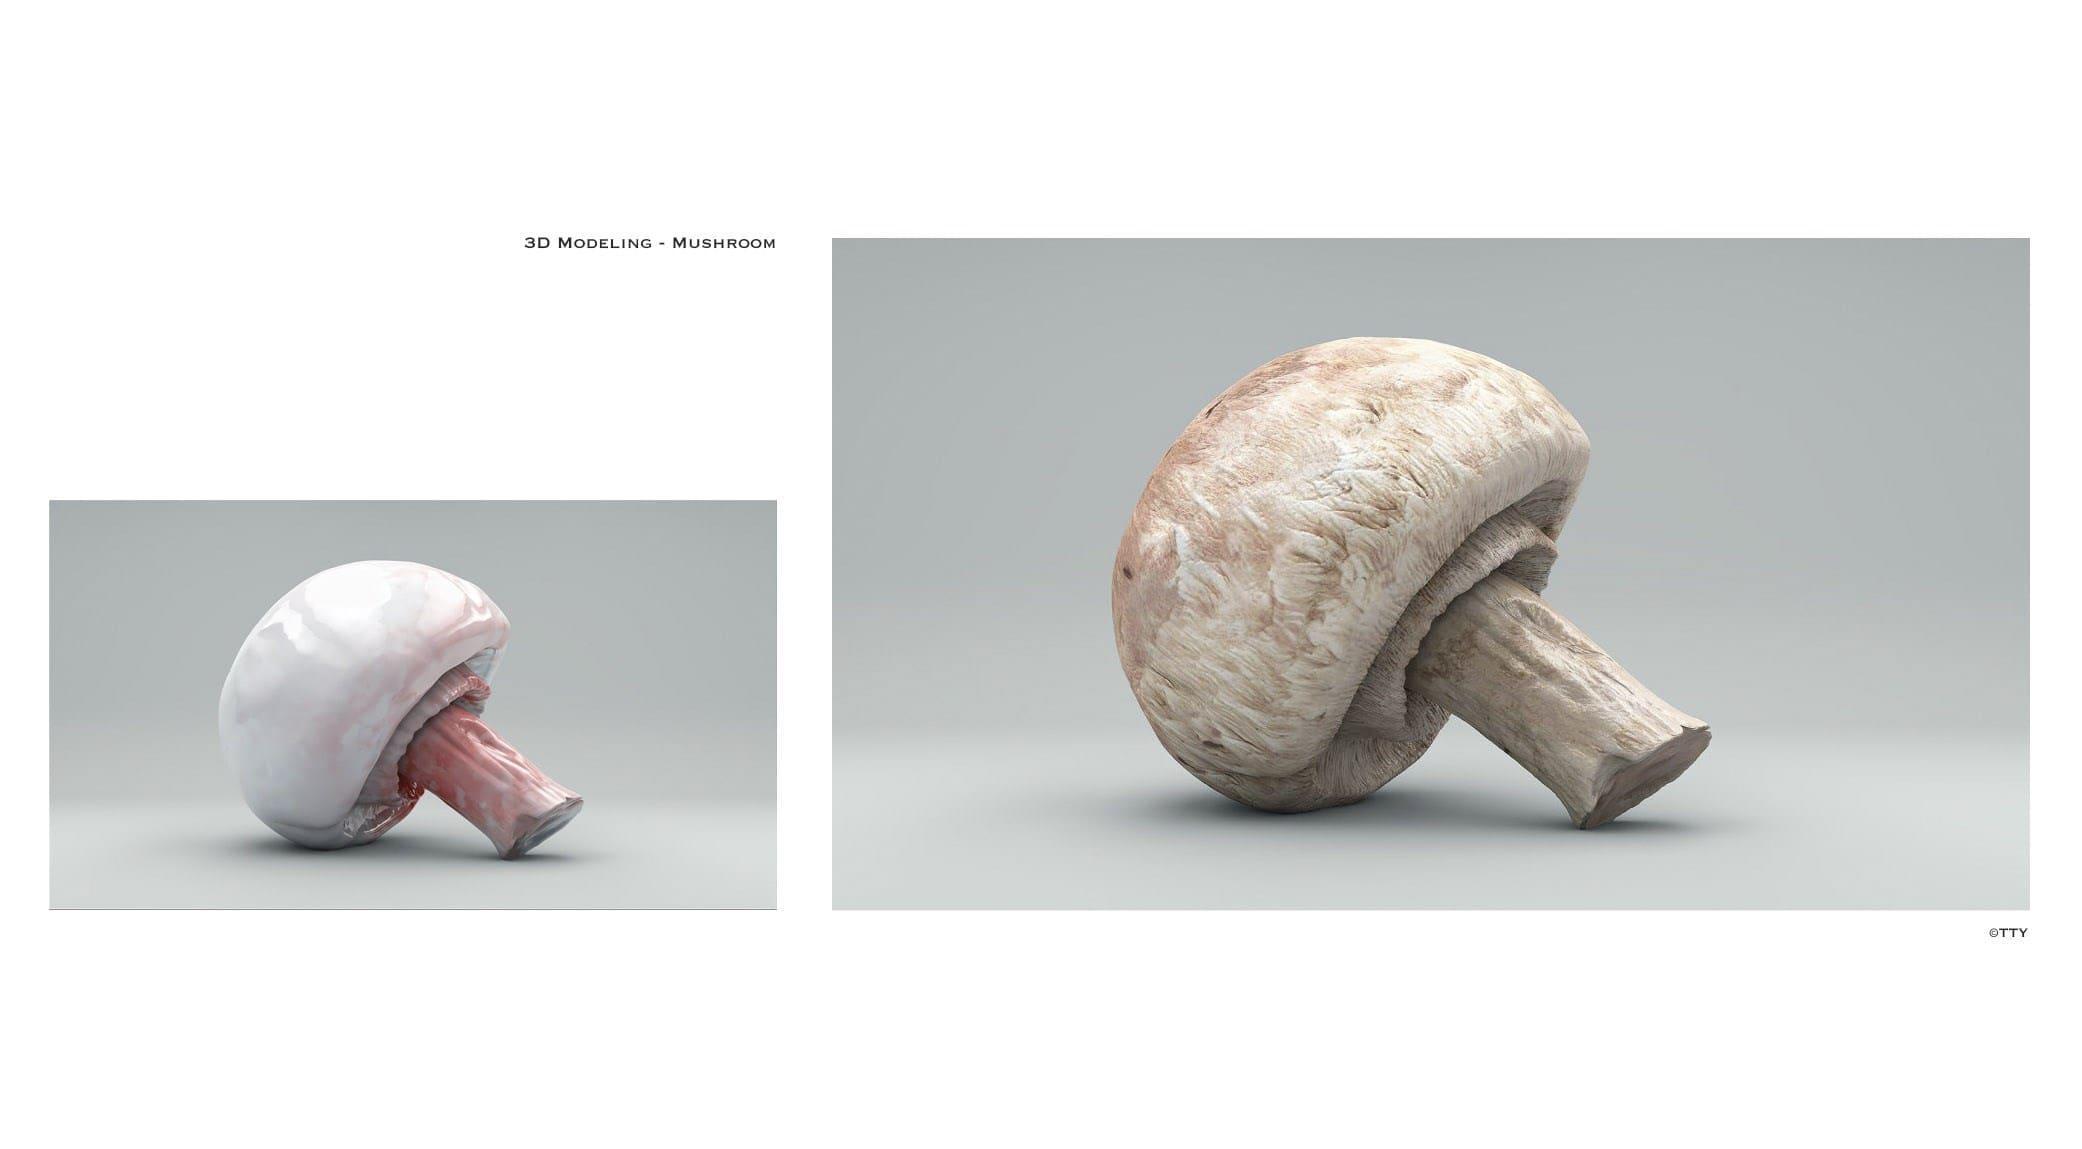 original_TTY-3D-Modeling-Mushroom.jpg